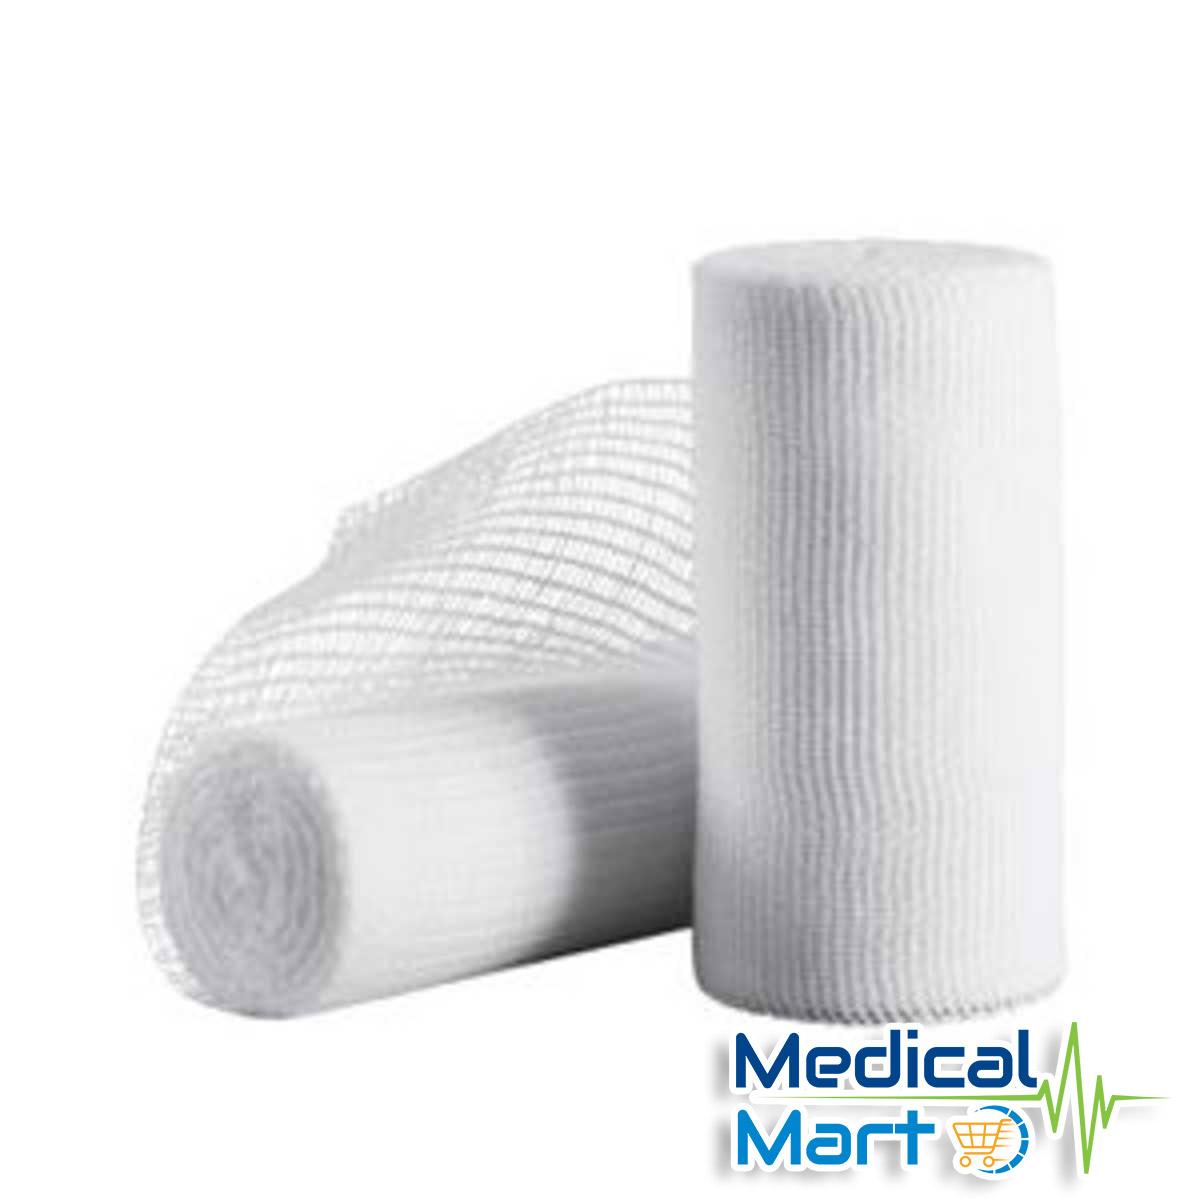 Gauze Bandage 4 Inch